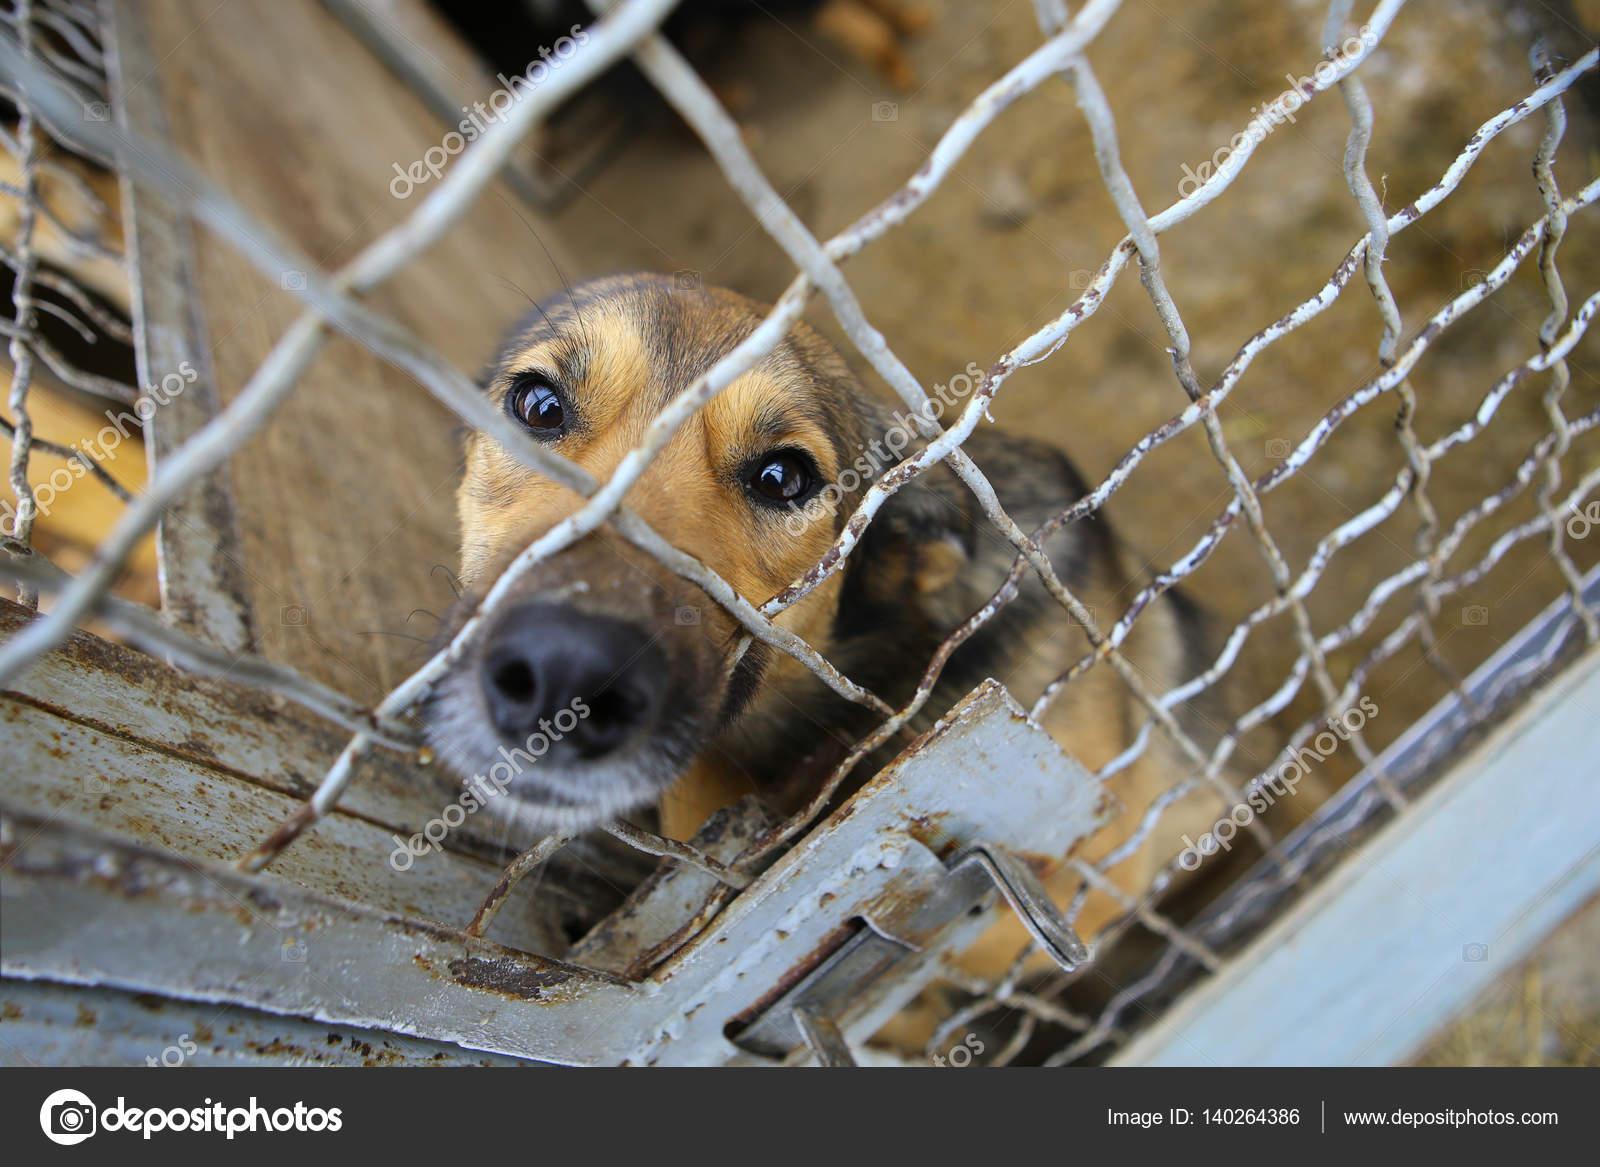 34eba5160691 Καταφύγιο ζώων. Επιβίβασης σπίτι για σκύλους — Φωτογραφία Αρχείου ...